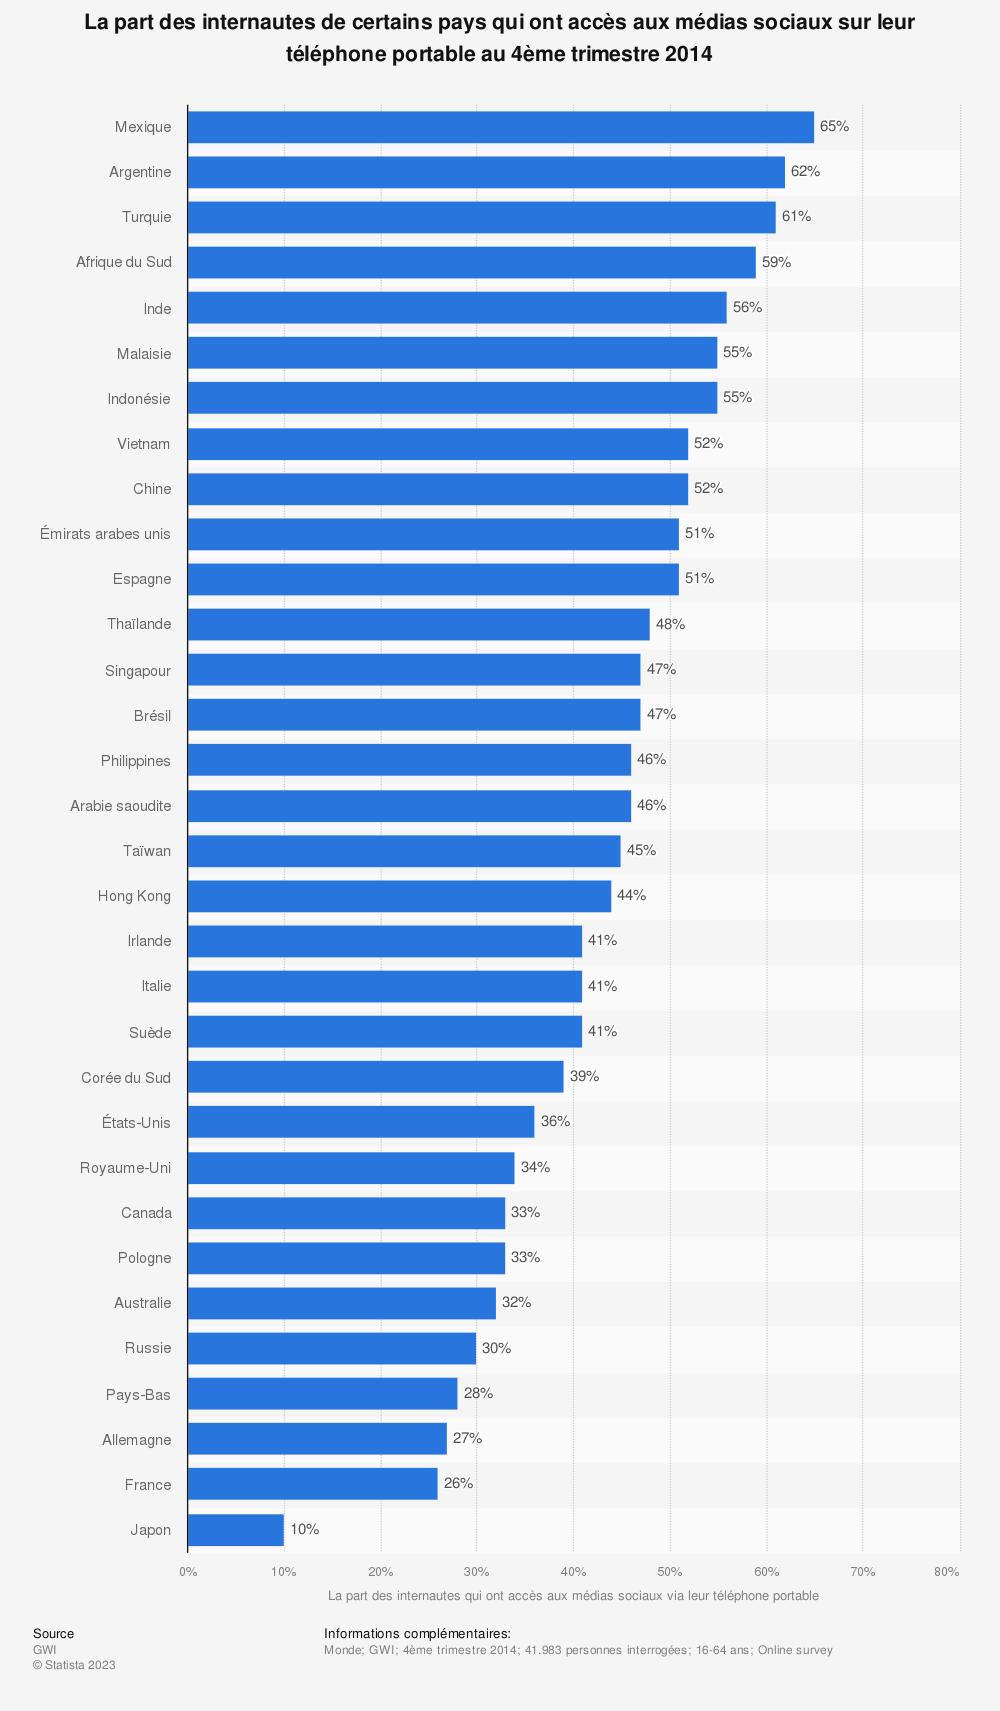 Statistique: La part des internautes de certains pays qui ont accès aux médias sociaux sur leur téléphone portable au 4ème trimestre2014 | Statista